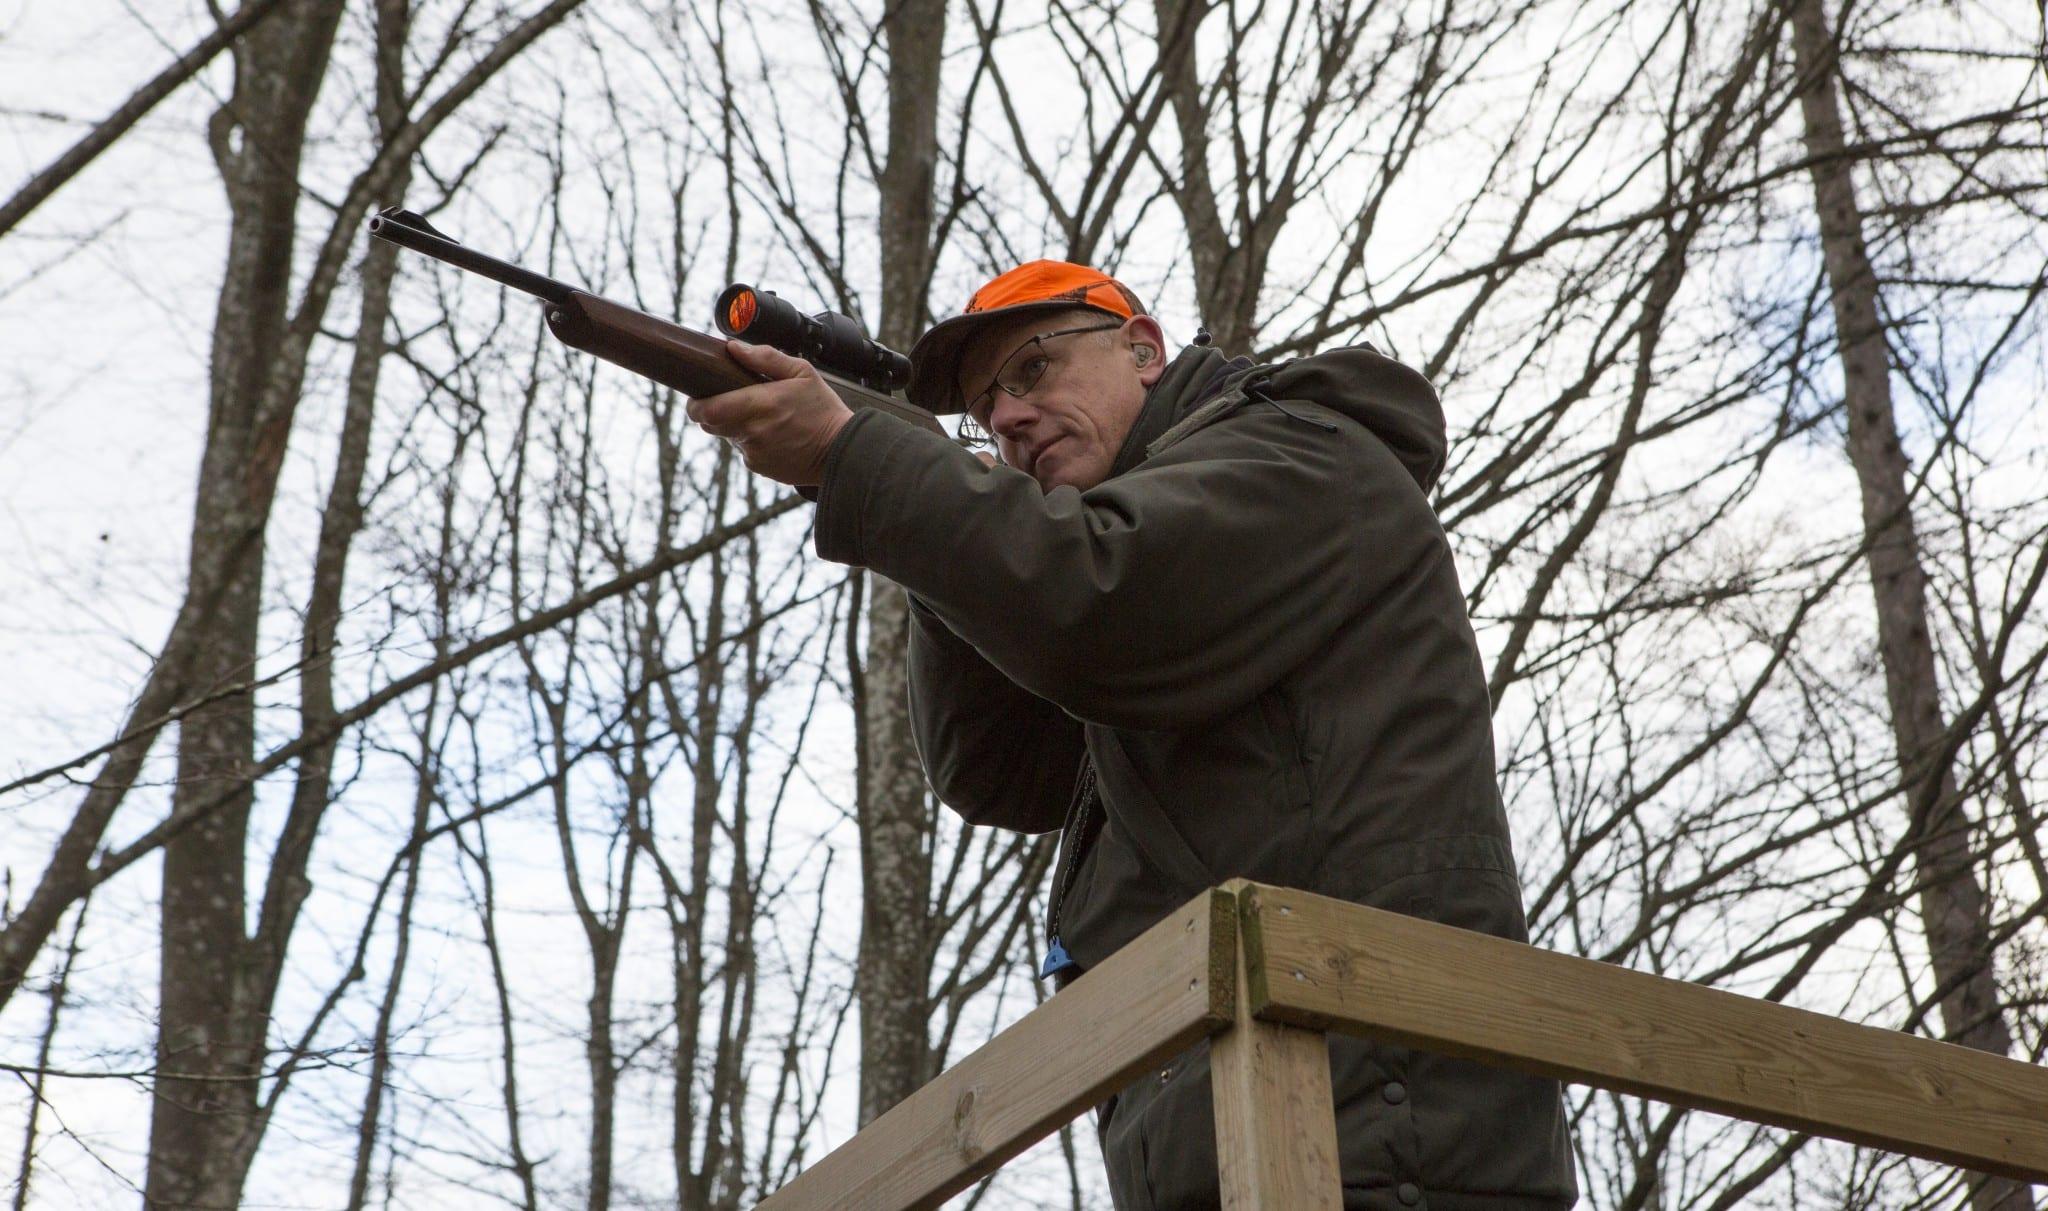 Hur vapnet ska användas påverkar naturligtvis valet i hög grad. Ett första vapen bör vara ett allroundvapen, men söker du ett specialiserat vapen för exempelvis drevjakter eller småviltjakt väljer du kanske annorlunda. Foto: Ulf Lindroth